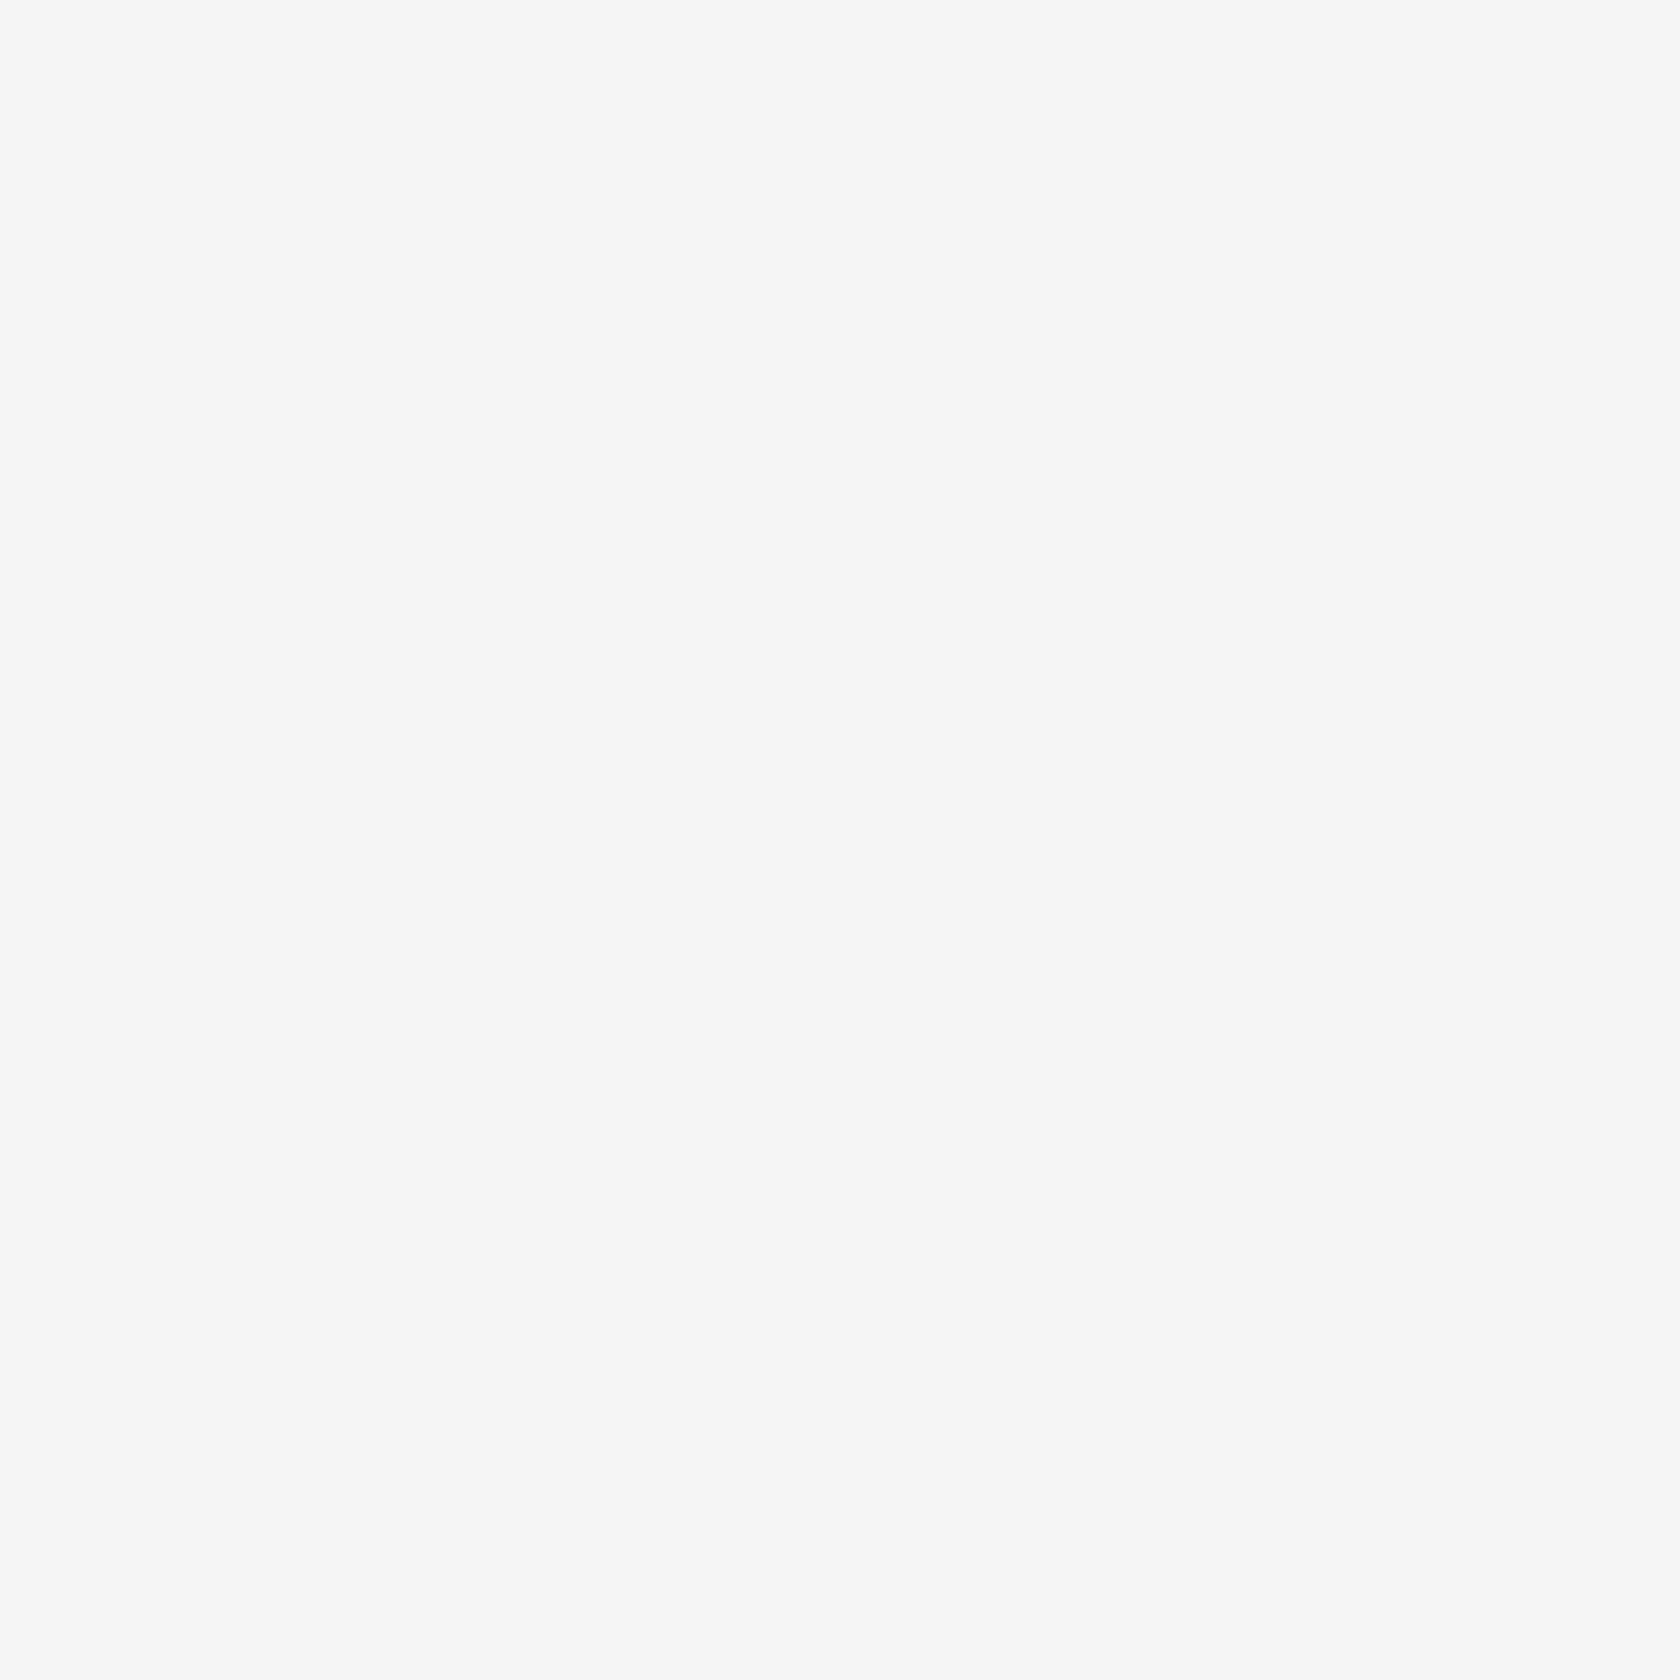 87465bd50b89 Bearn wallet